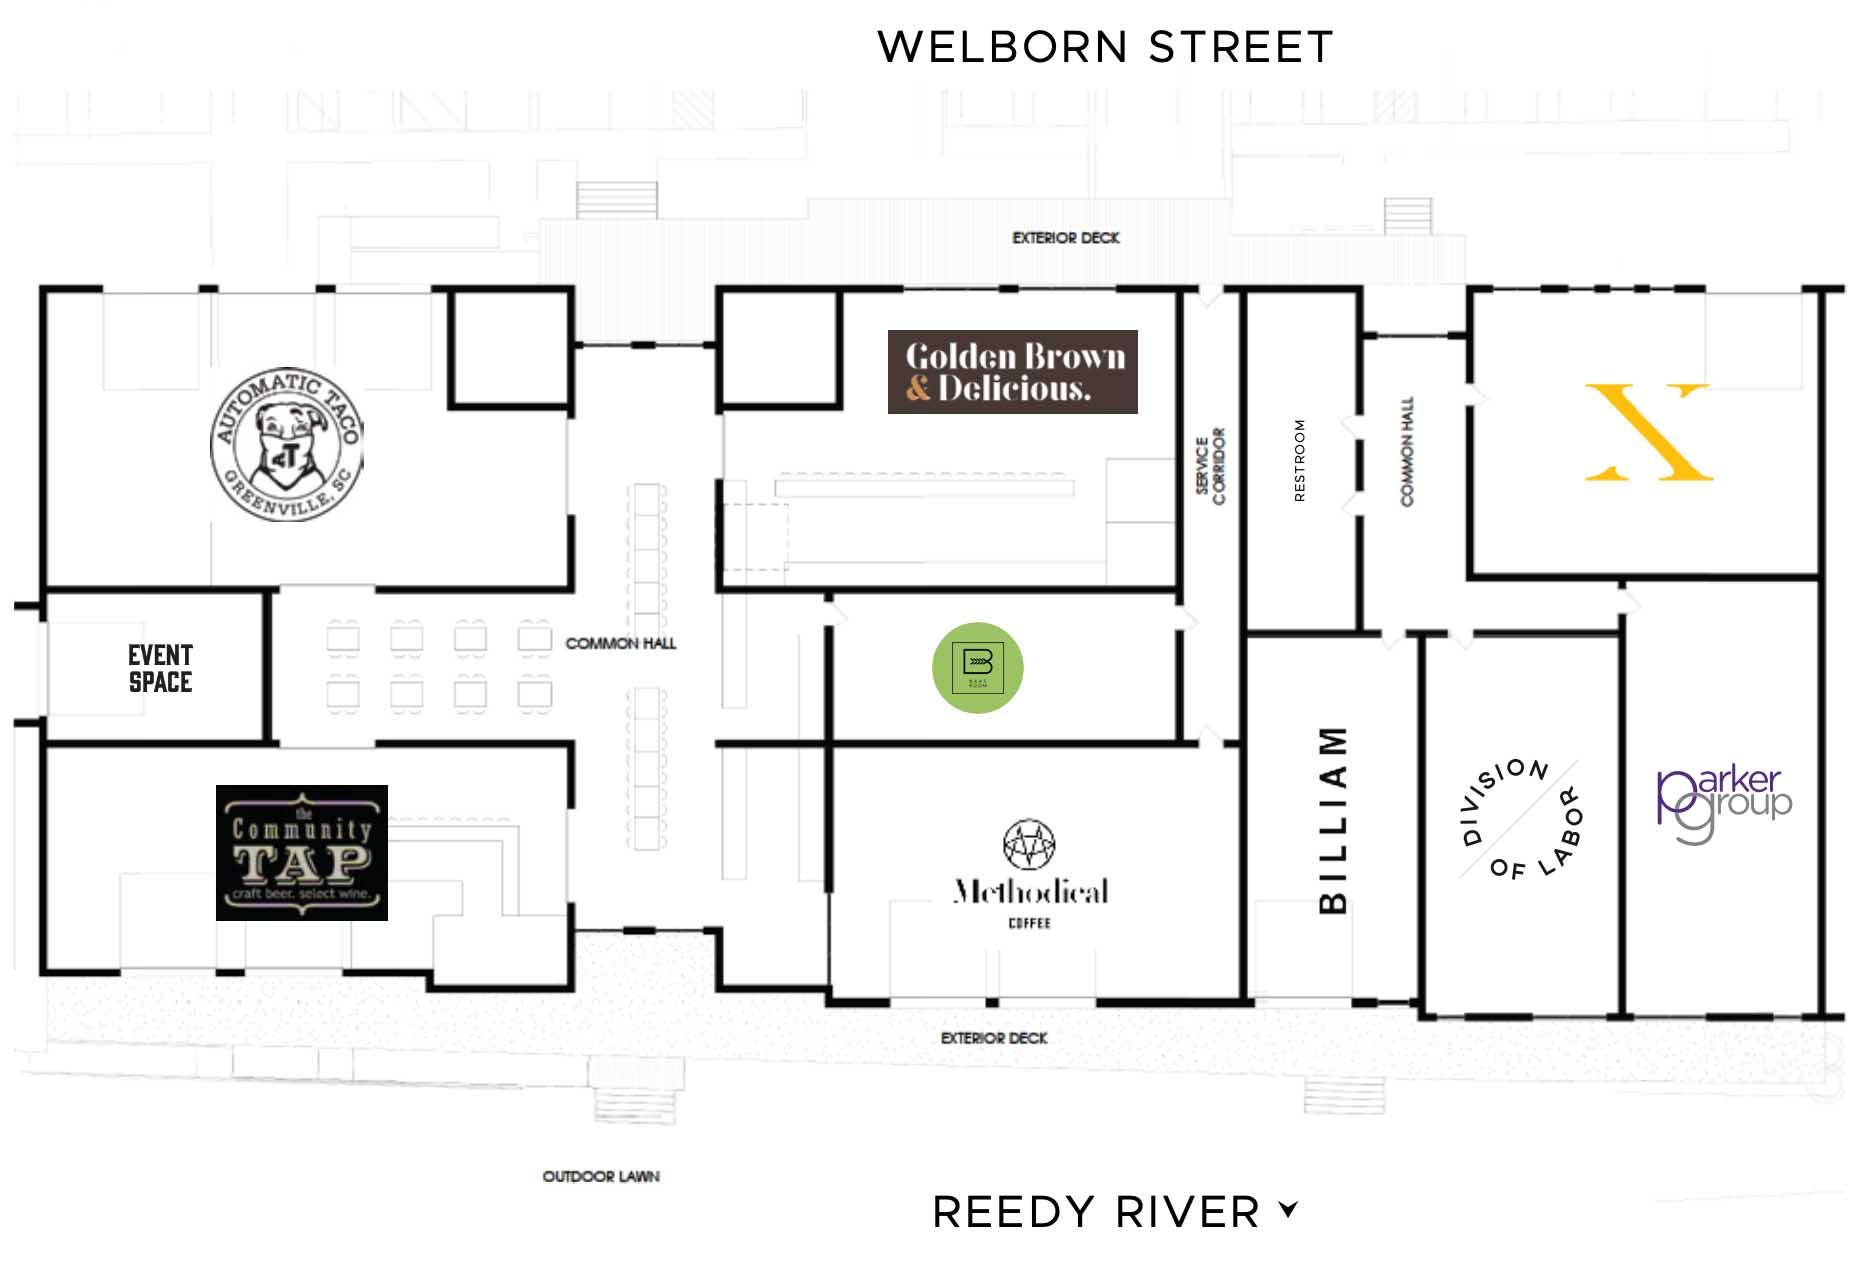 Bakeroom Floorplan